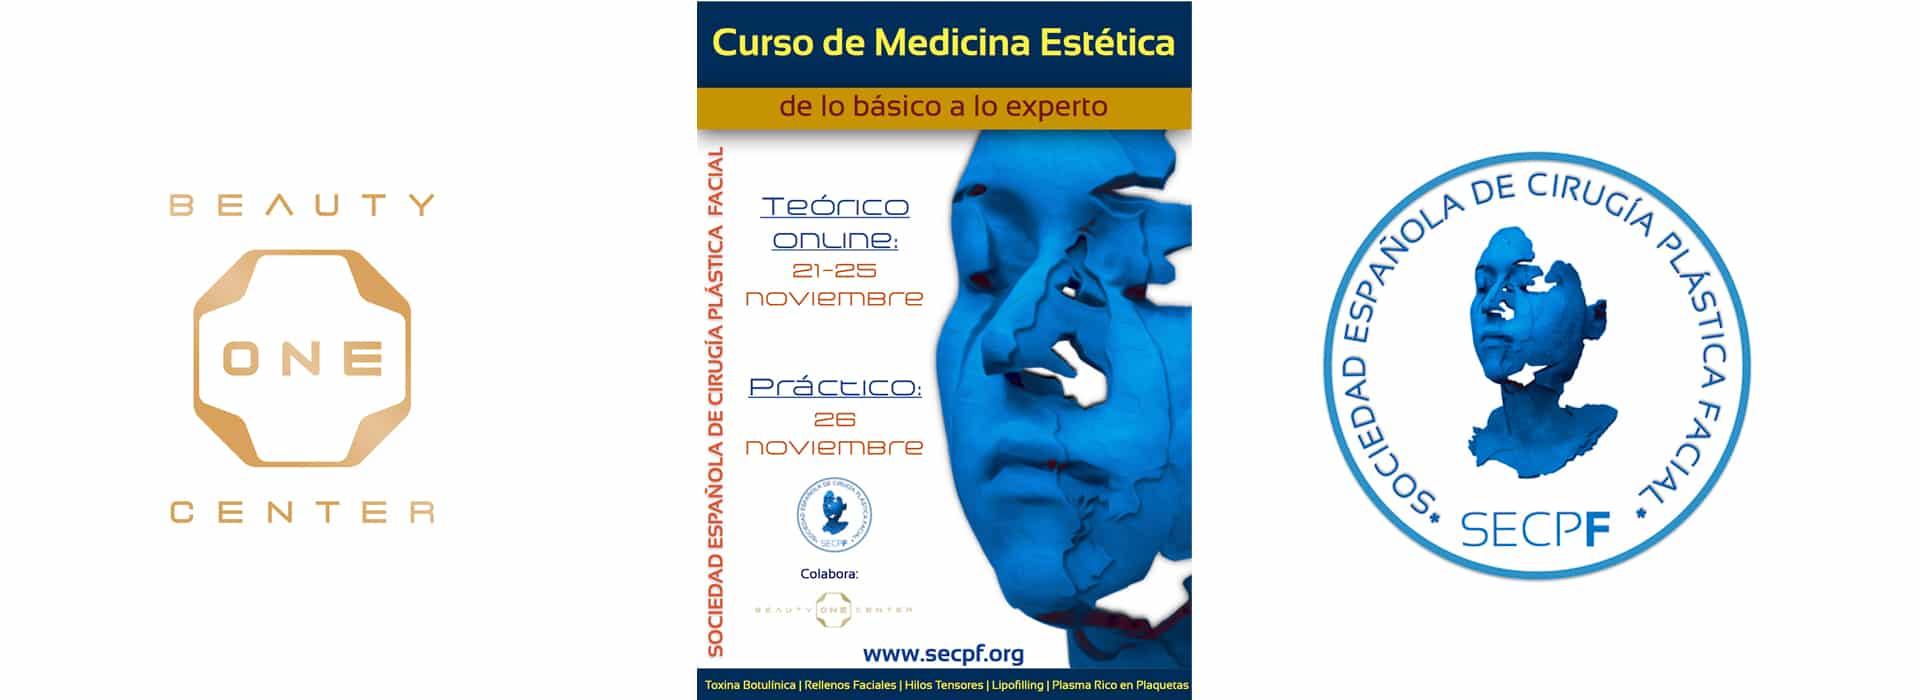 Curso de medicina estetica en Beauty ONE Center organizado por la SECPF